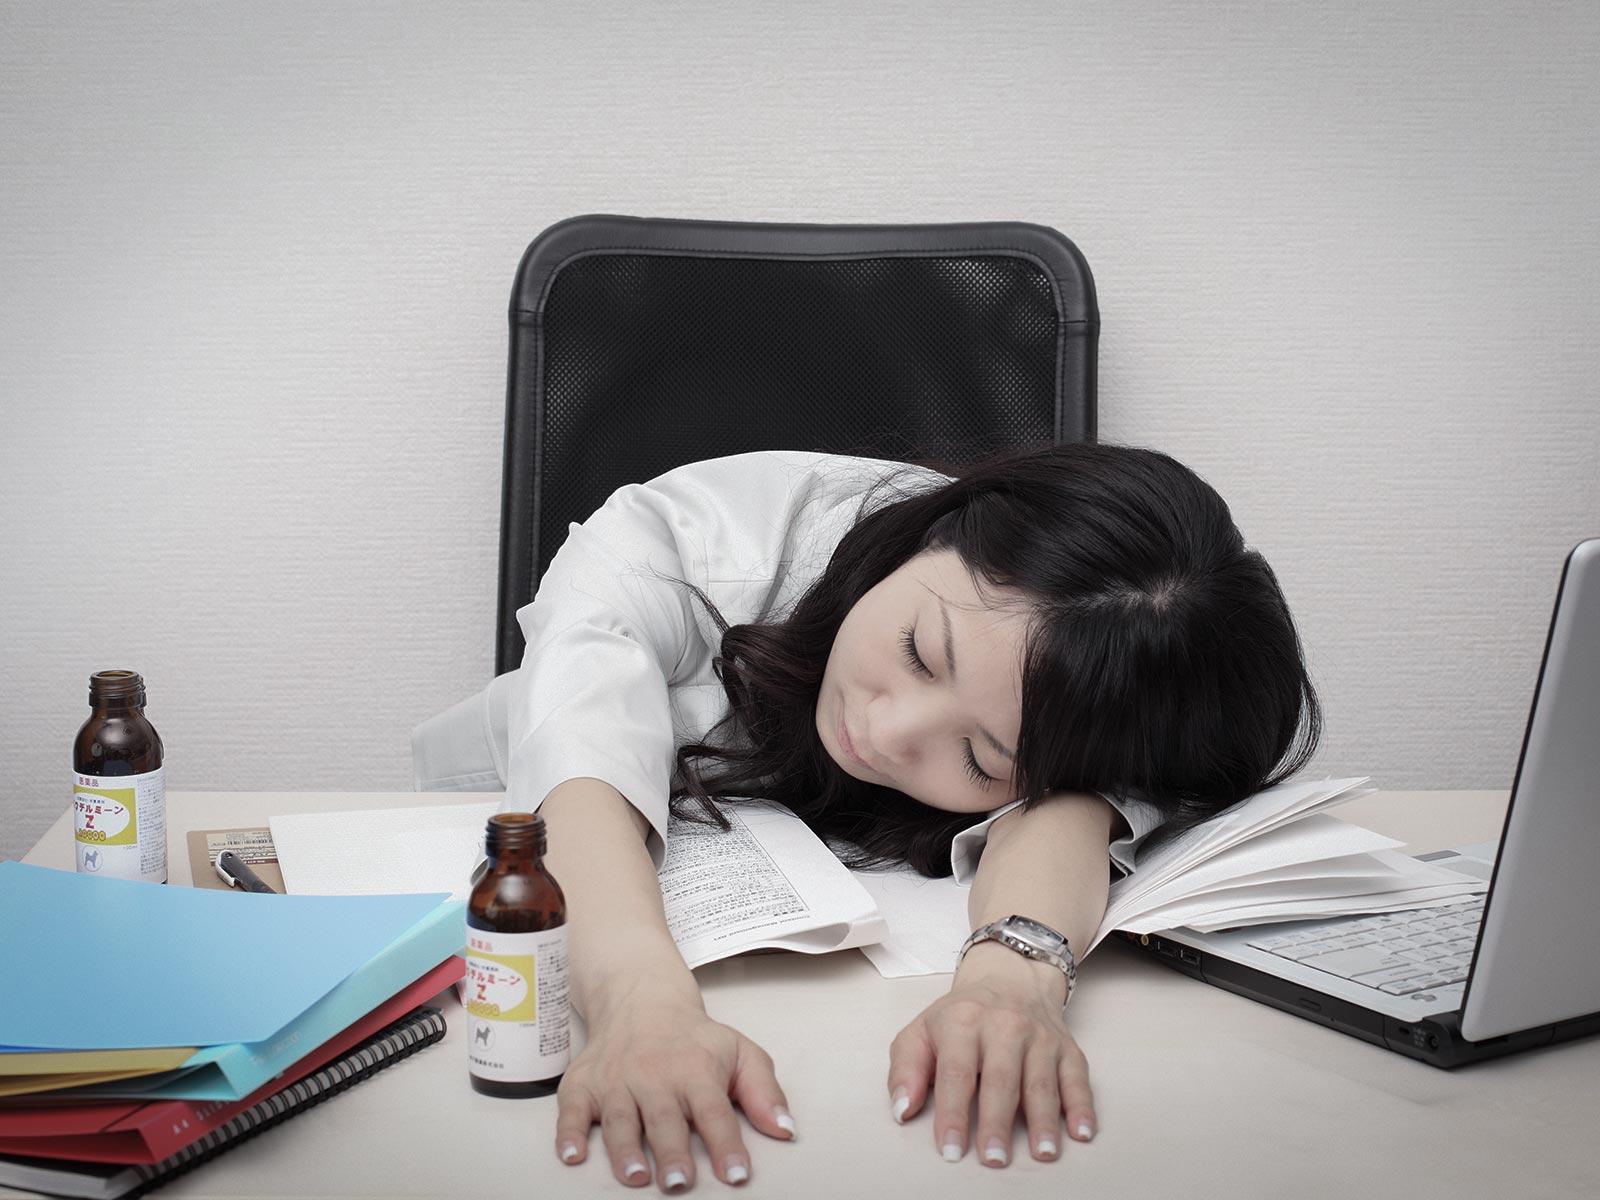 疲れたときにやってはいけないこと、やるべきこと